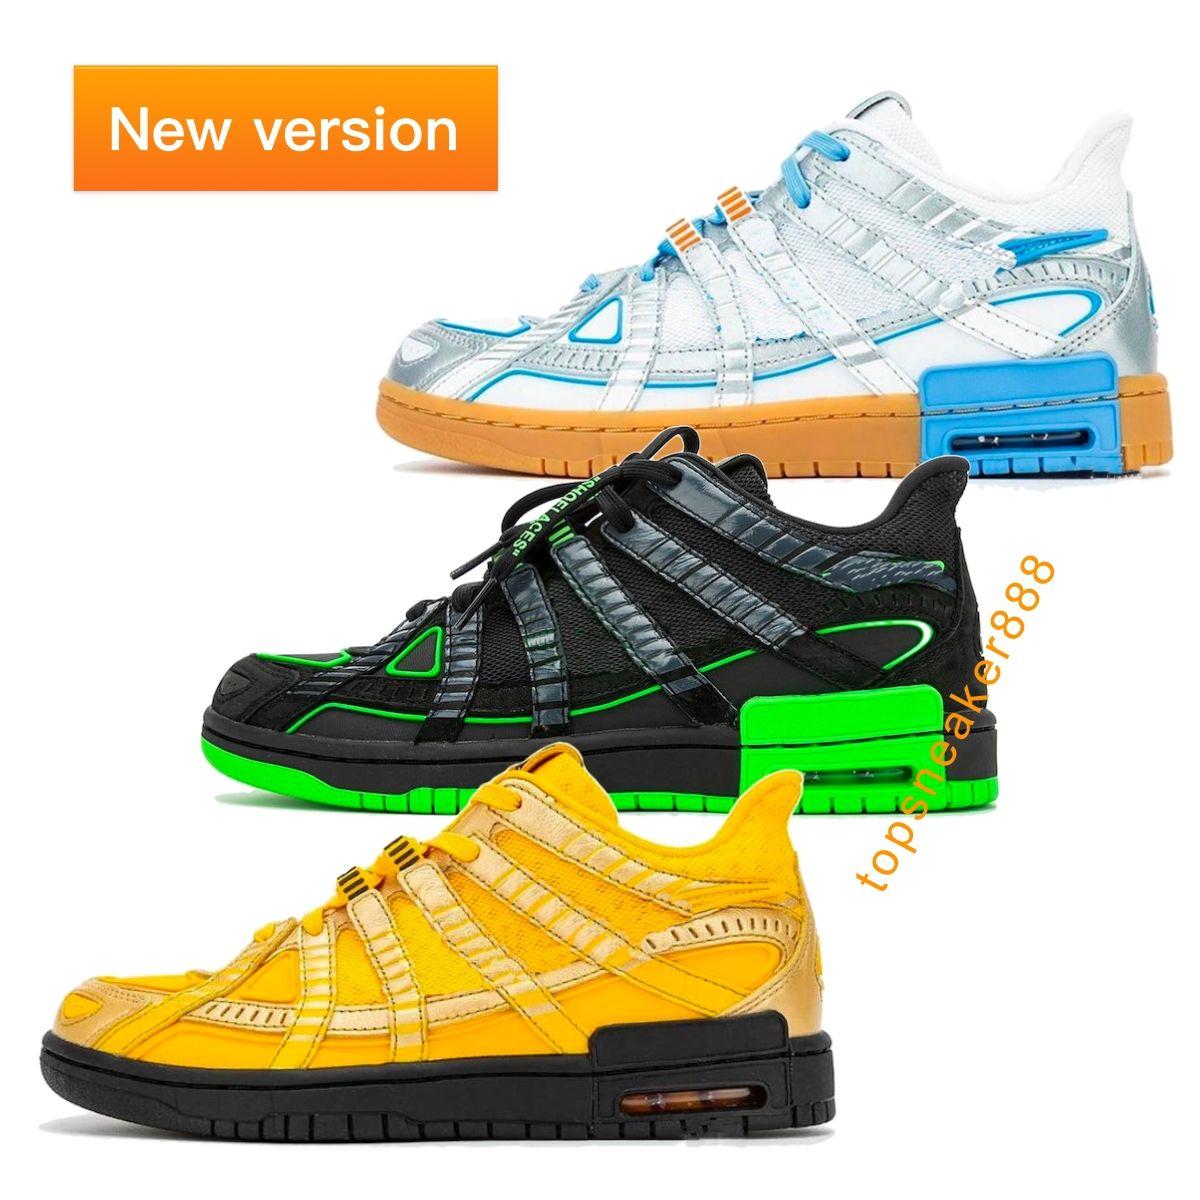 Air Rubber Dunk Off White Green Strike Sneaker Shoes Moda Yeşil Strike Üniversitesi Altın Yüksek Kalite Man Kadınlar Sneaker Düşük Günlük Ayakkabılar G Boyut 36-46